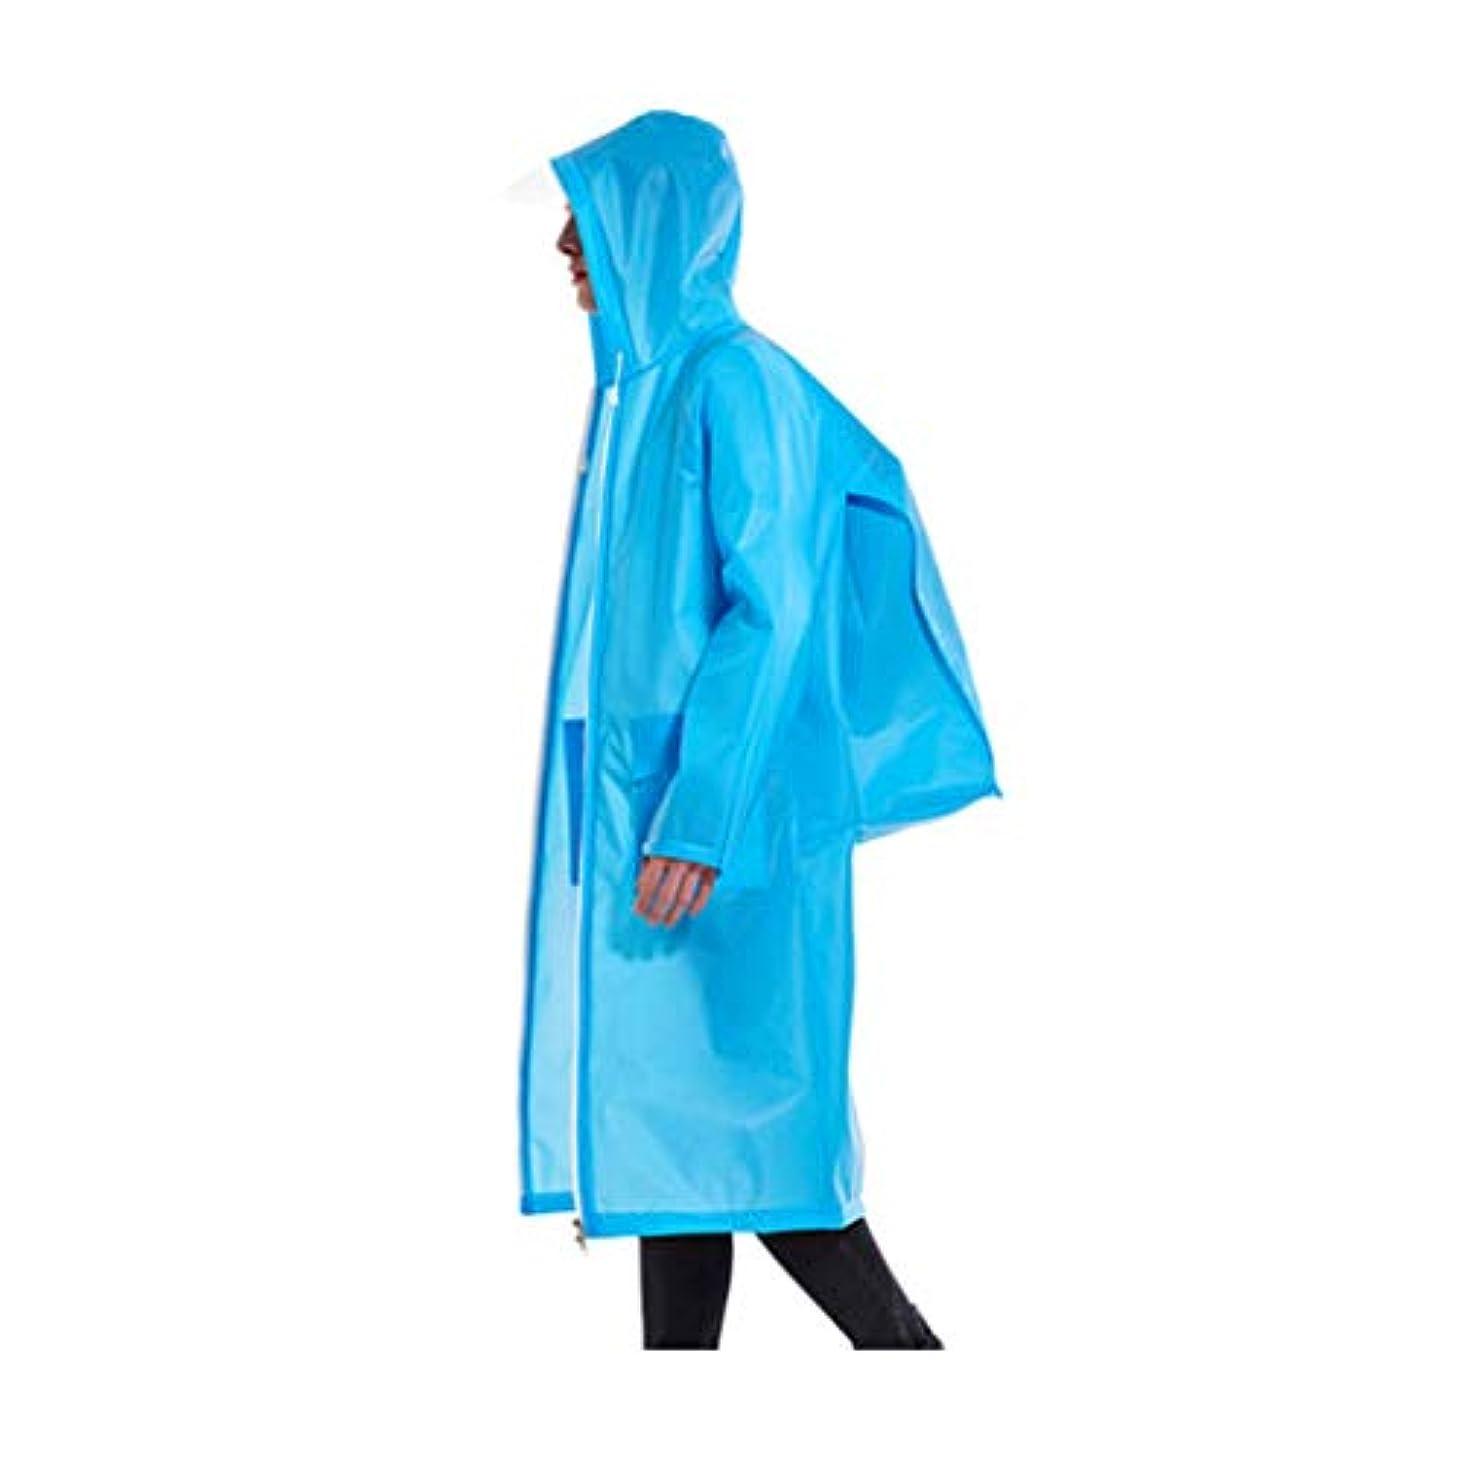 ジェームズダイソンカポック灰JTWJ 大人用バックパックレインコート長身屋外防水ジッパー大判ポンチョ (色 : 青, サイズ さいず : L l)